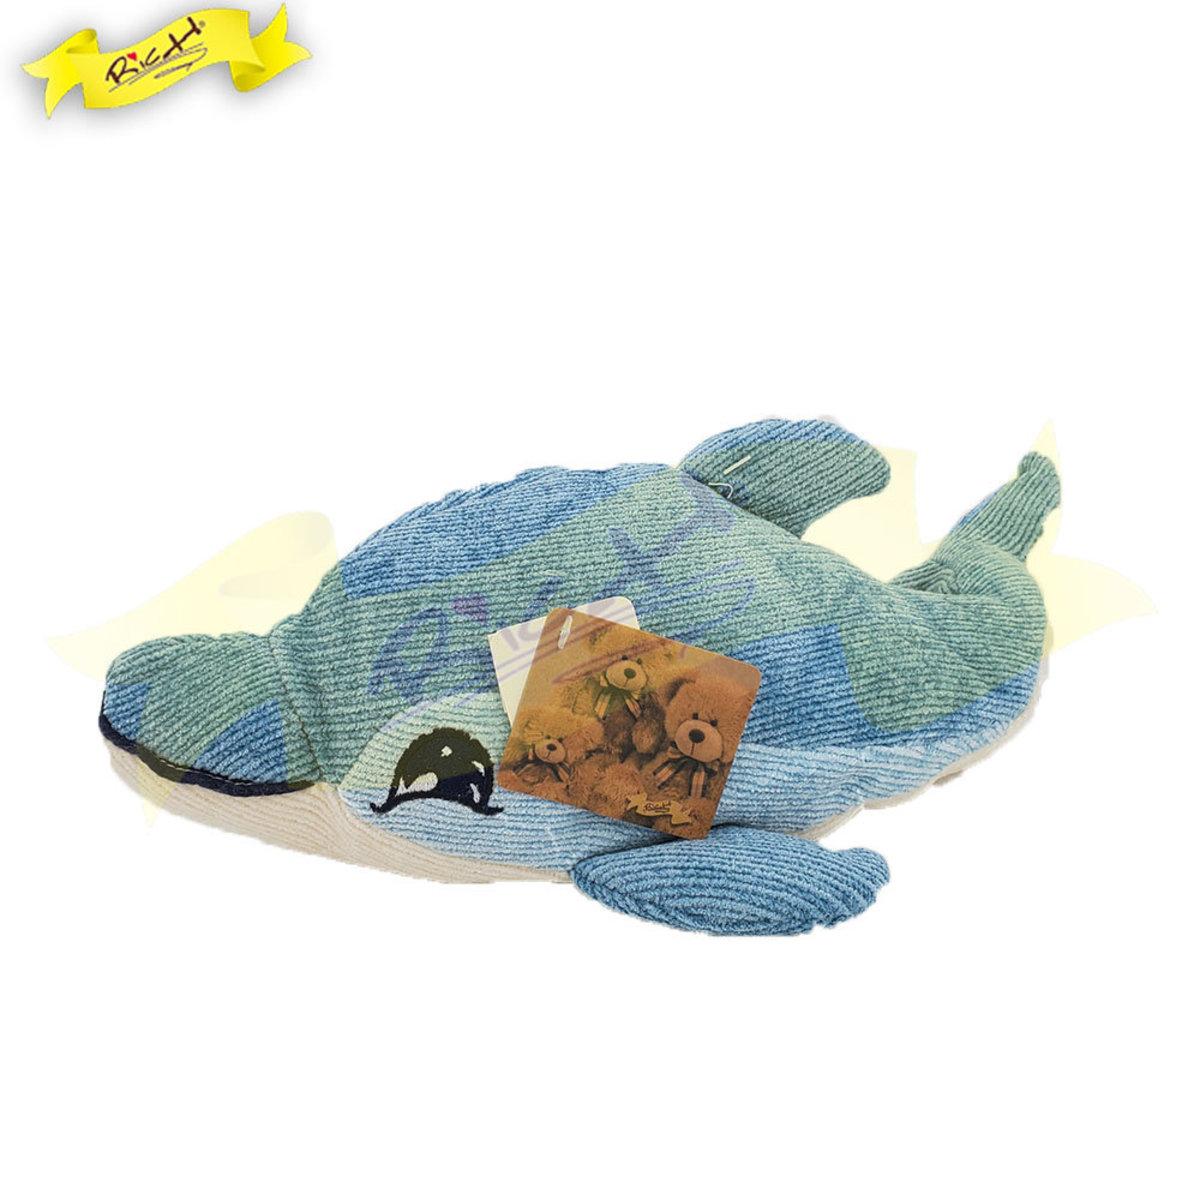 絲絨冷布抱枕海豚 (38cm) - 3F348